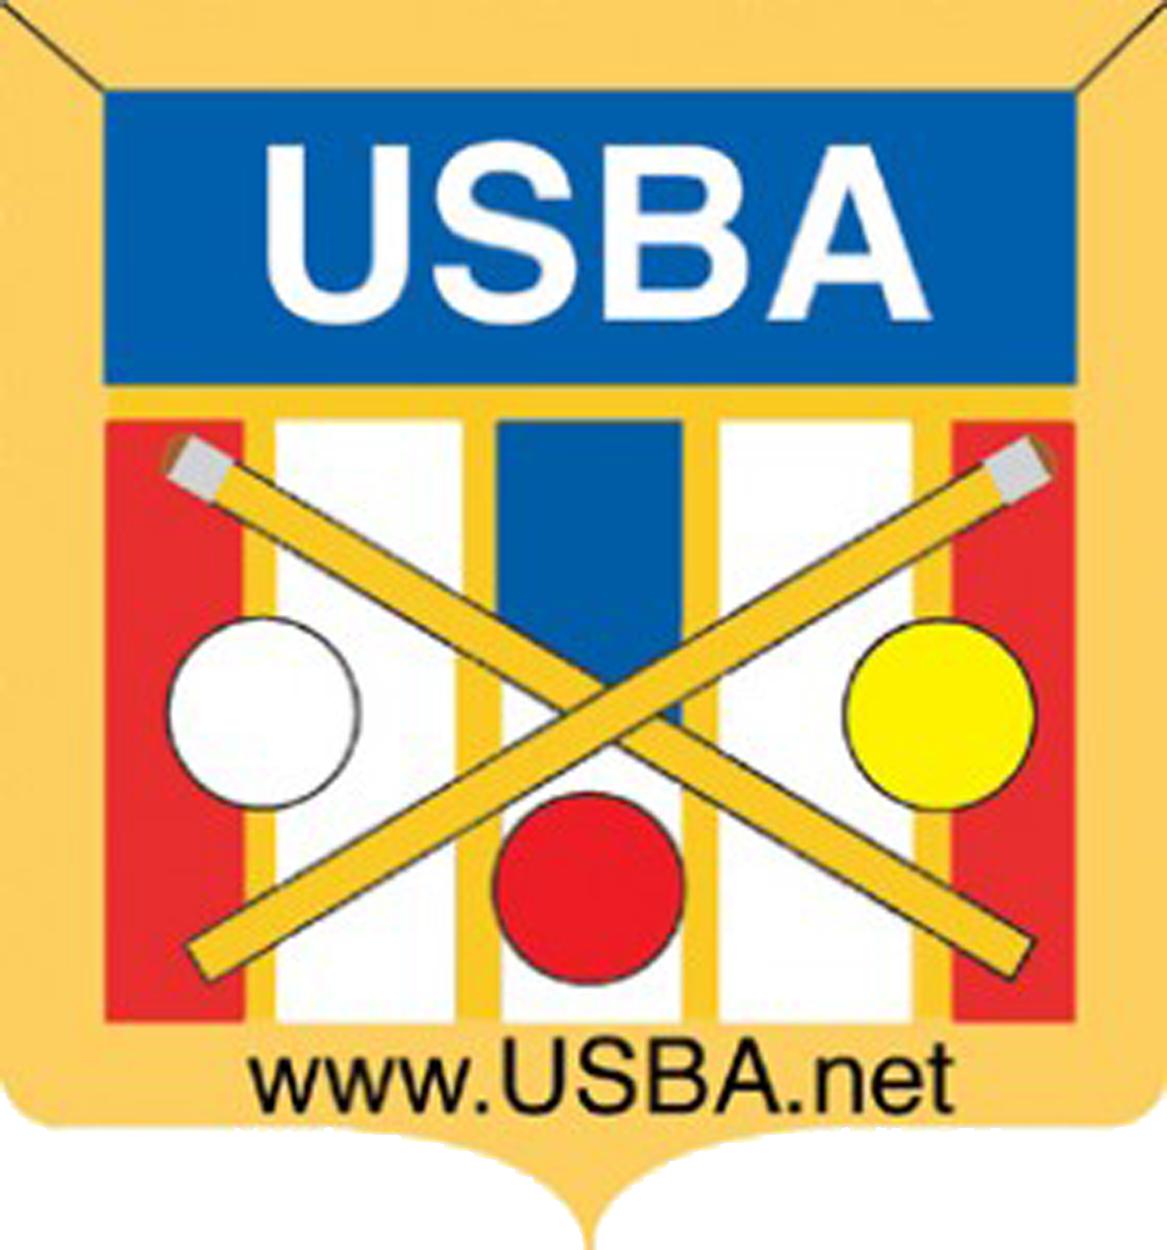 USBA-LOGO-WEB-280x300-1